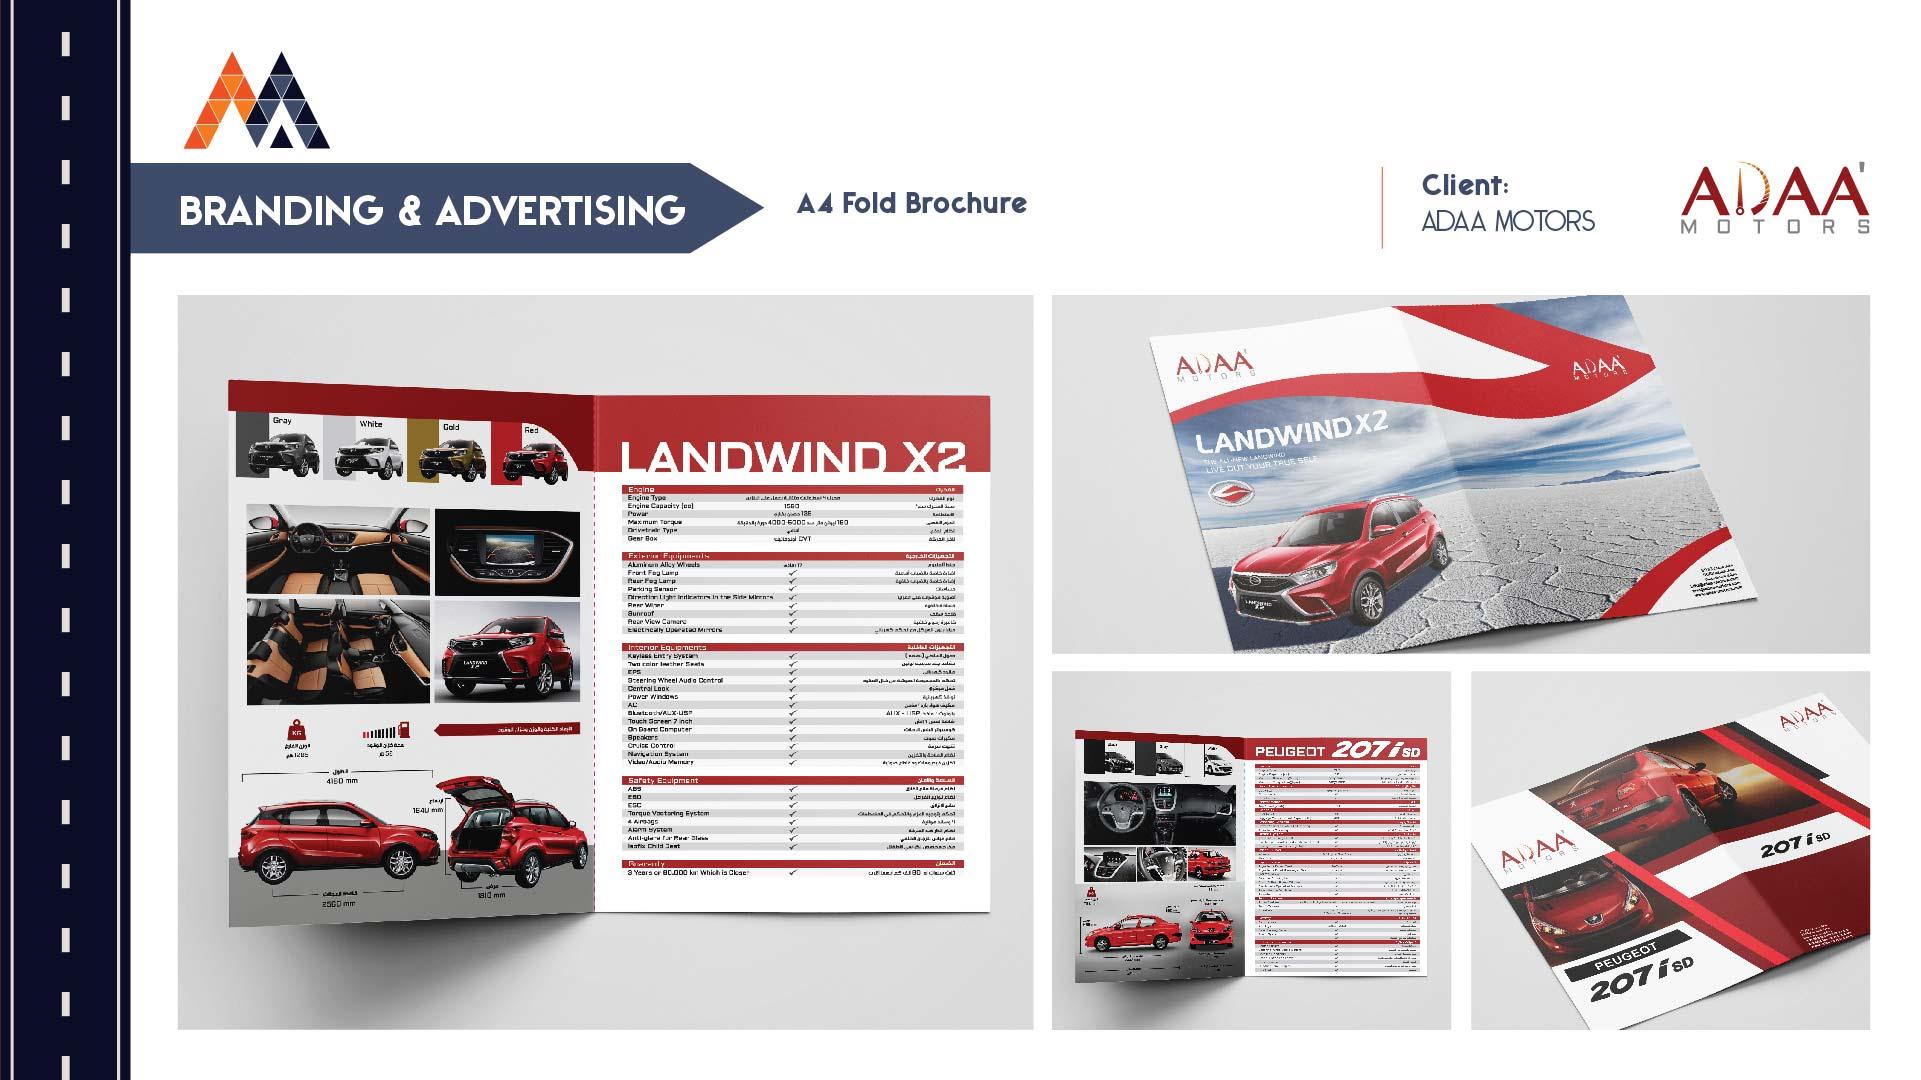 Brochure - ADAA